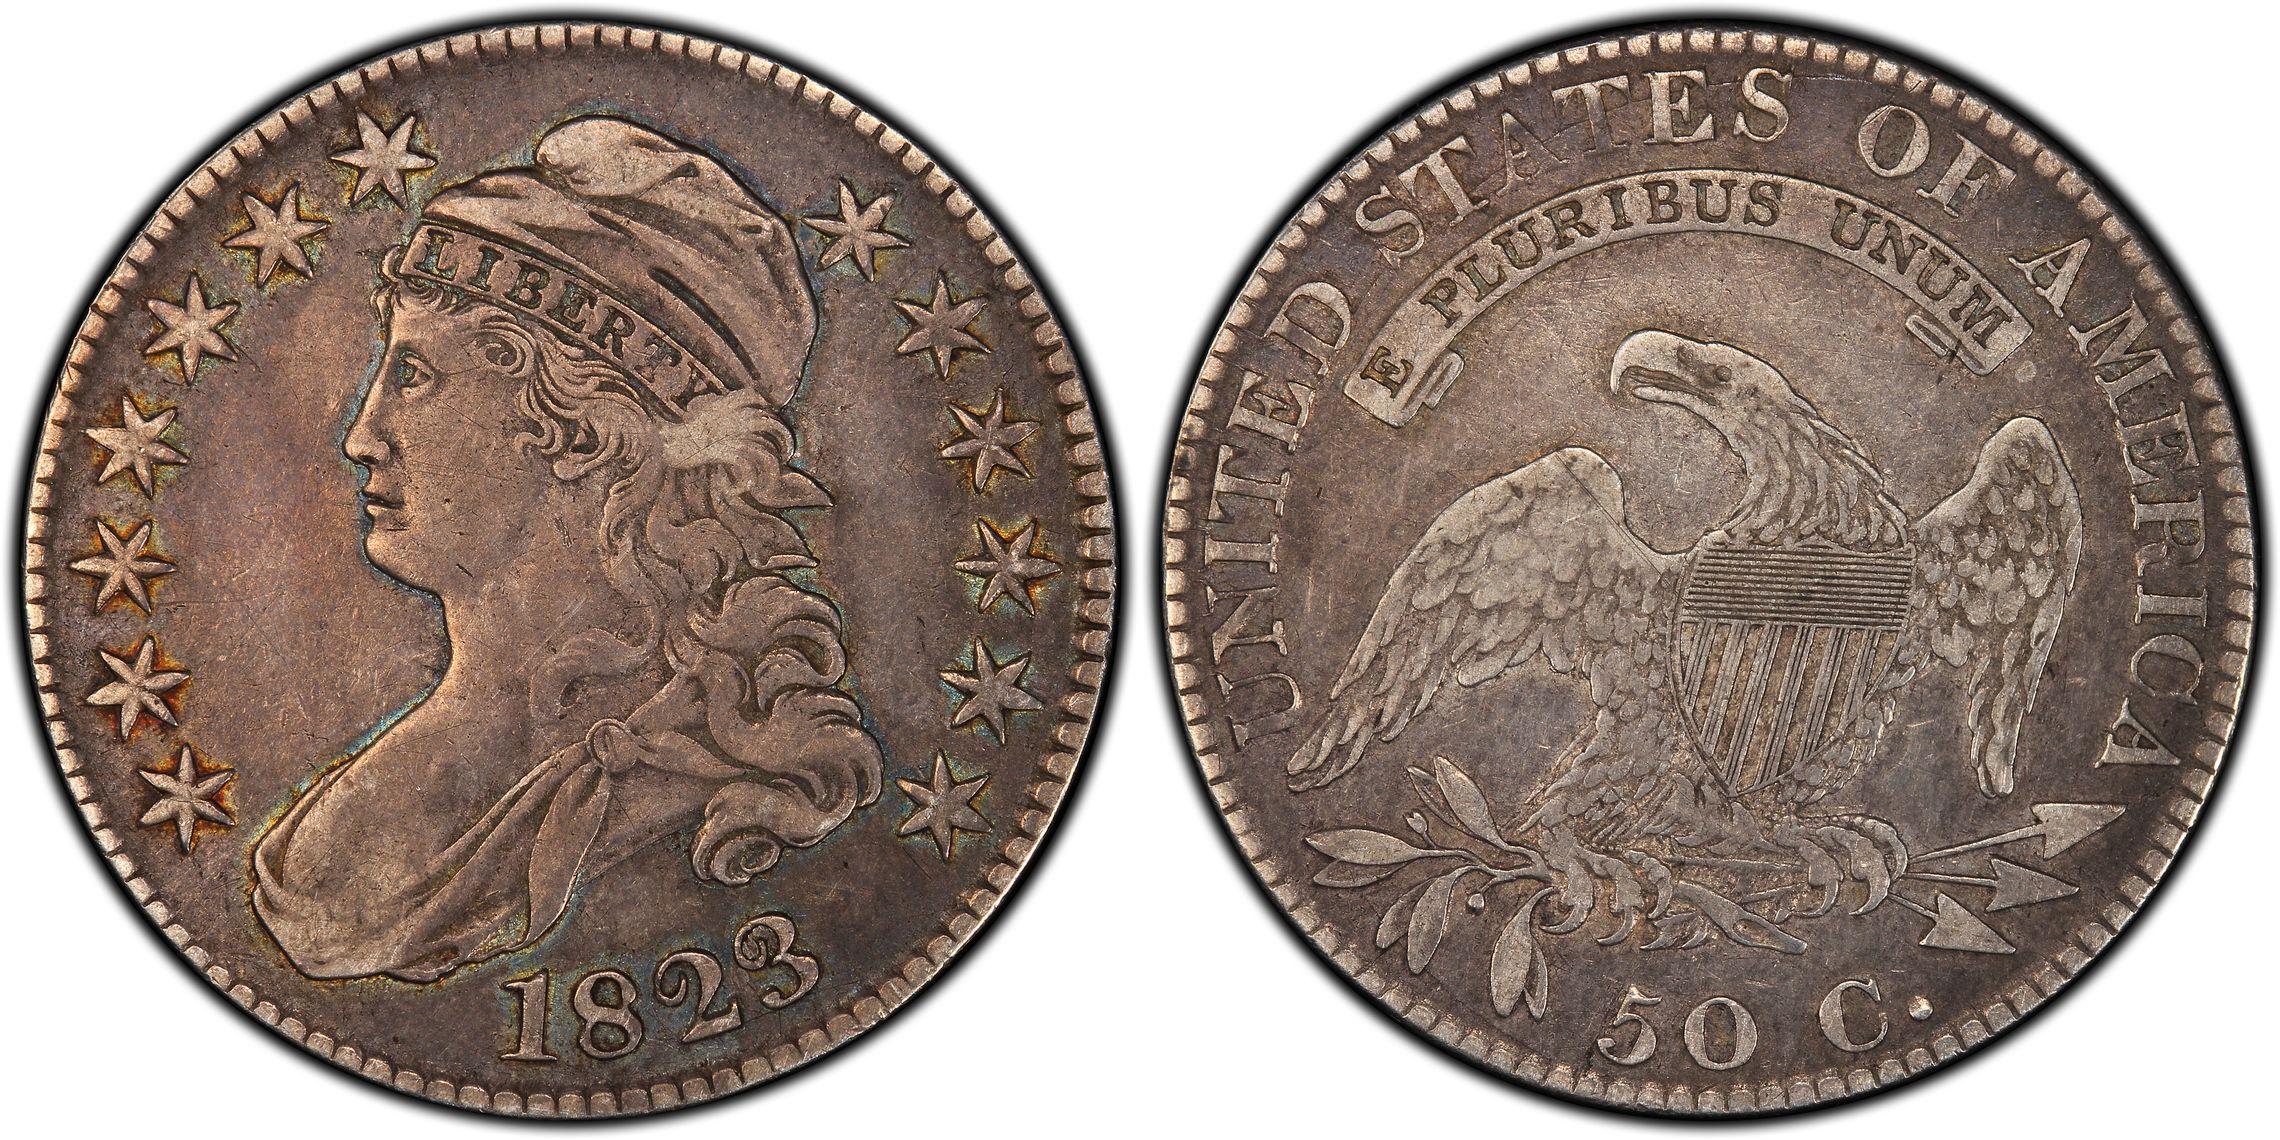 ricks coins